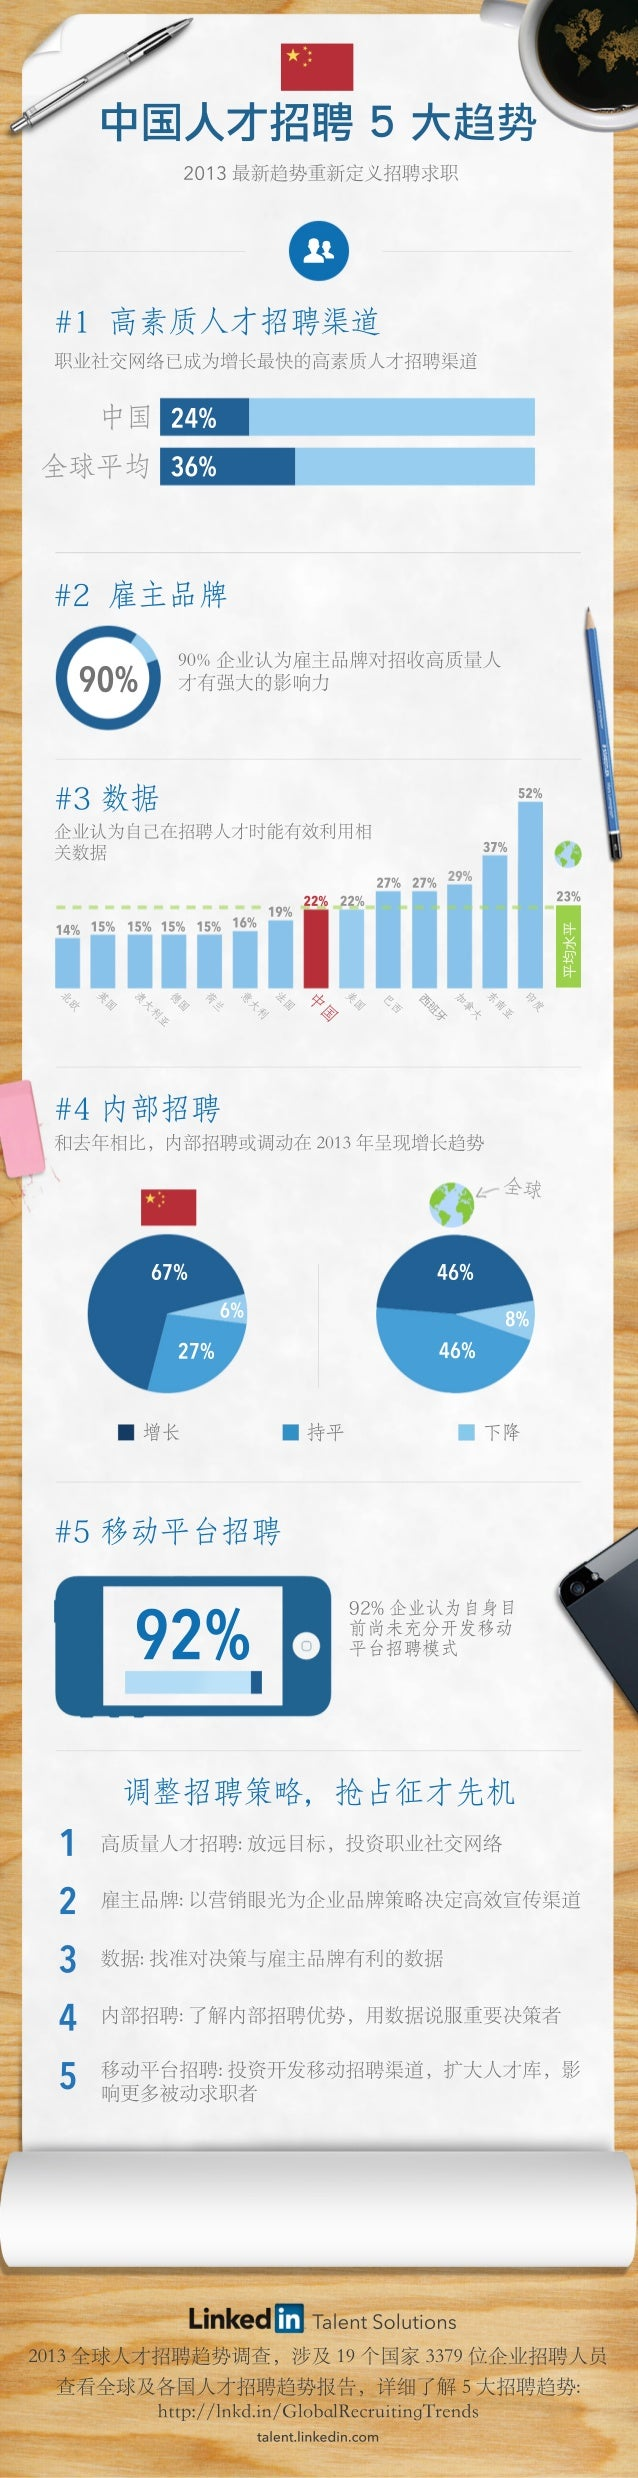 TalentSolutions 1 2 3 4 5 调整招聘策略,抢占征才先机 #5移动平台招聘 92%企业认为自身目 前尚未充分开发移动 平台招聘模式92% 增长 持平 下降 6% 67% 27% 46% 46% 8% 全球 平均水平 北 欧...